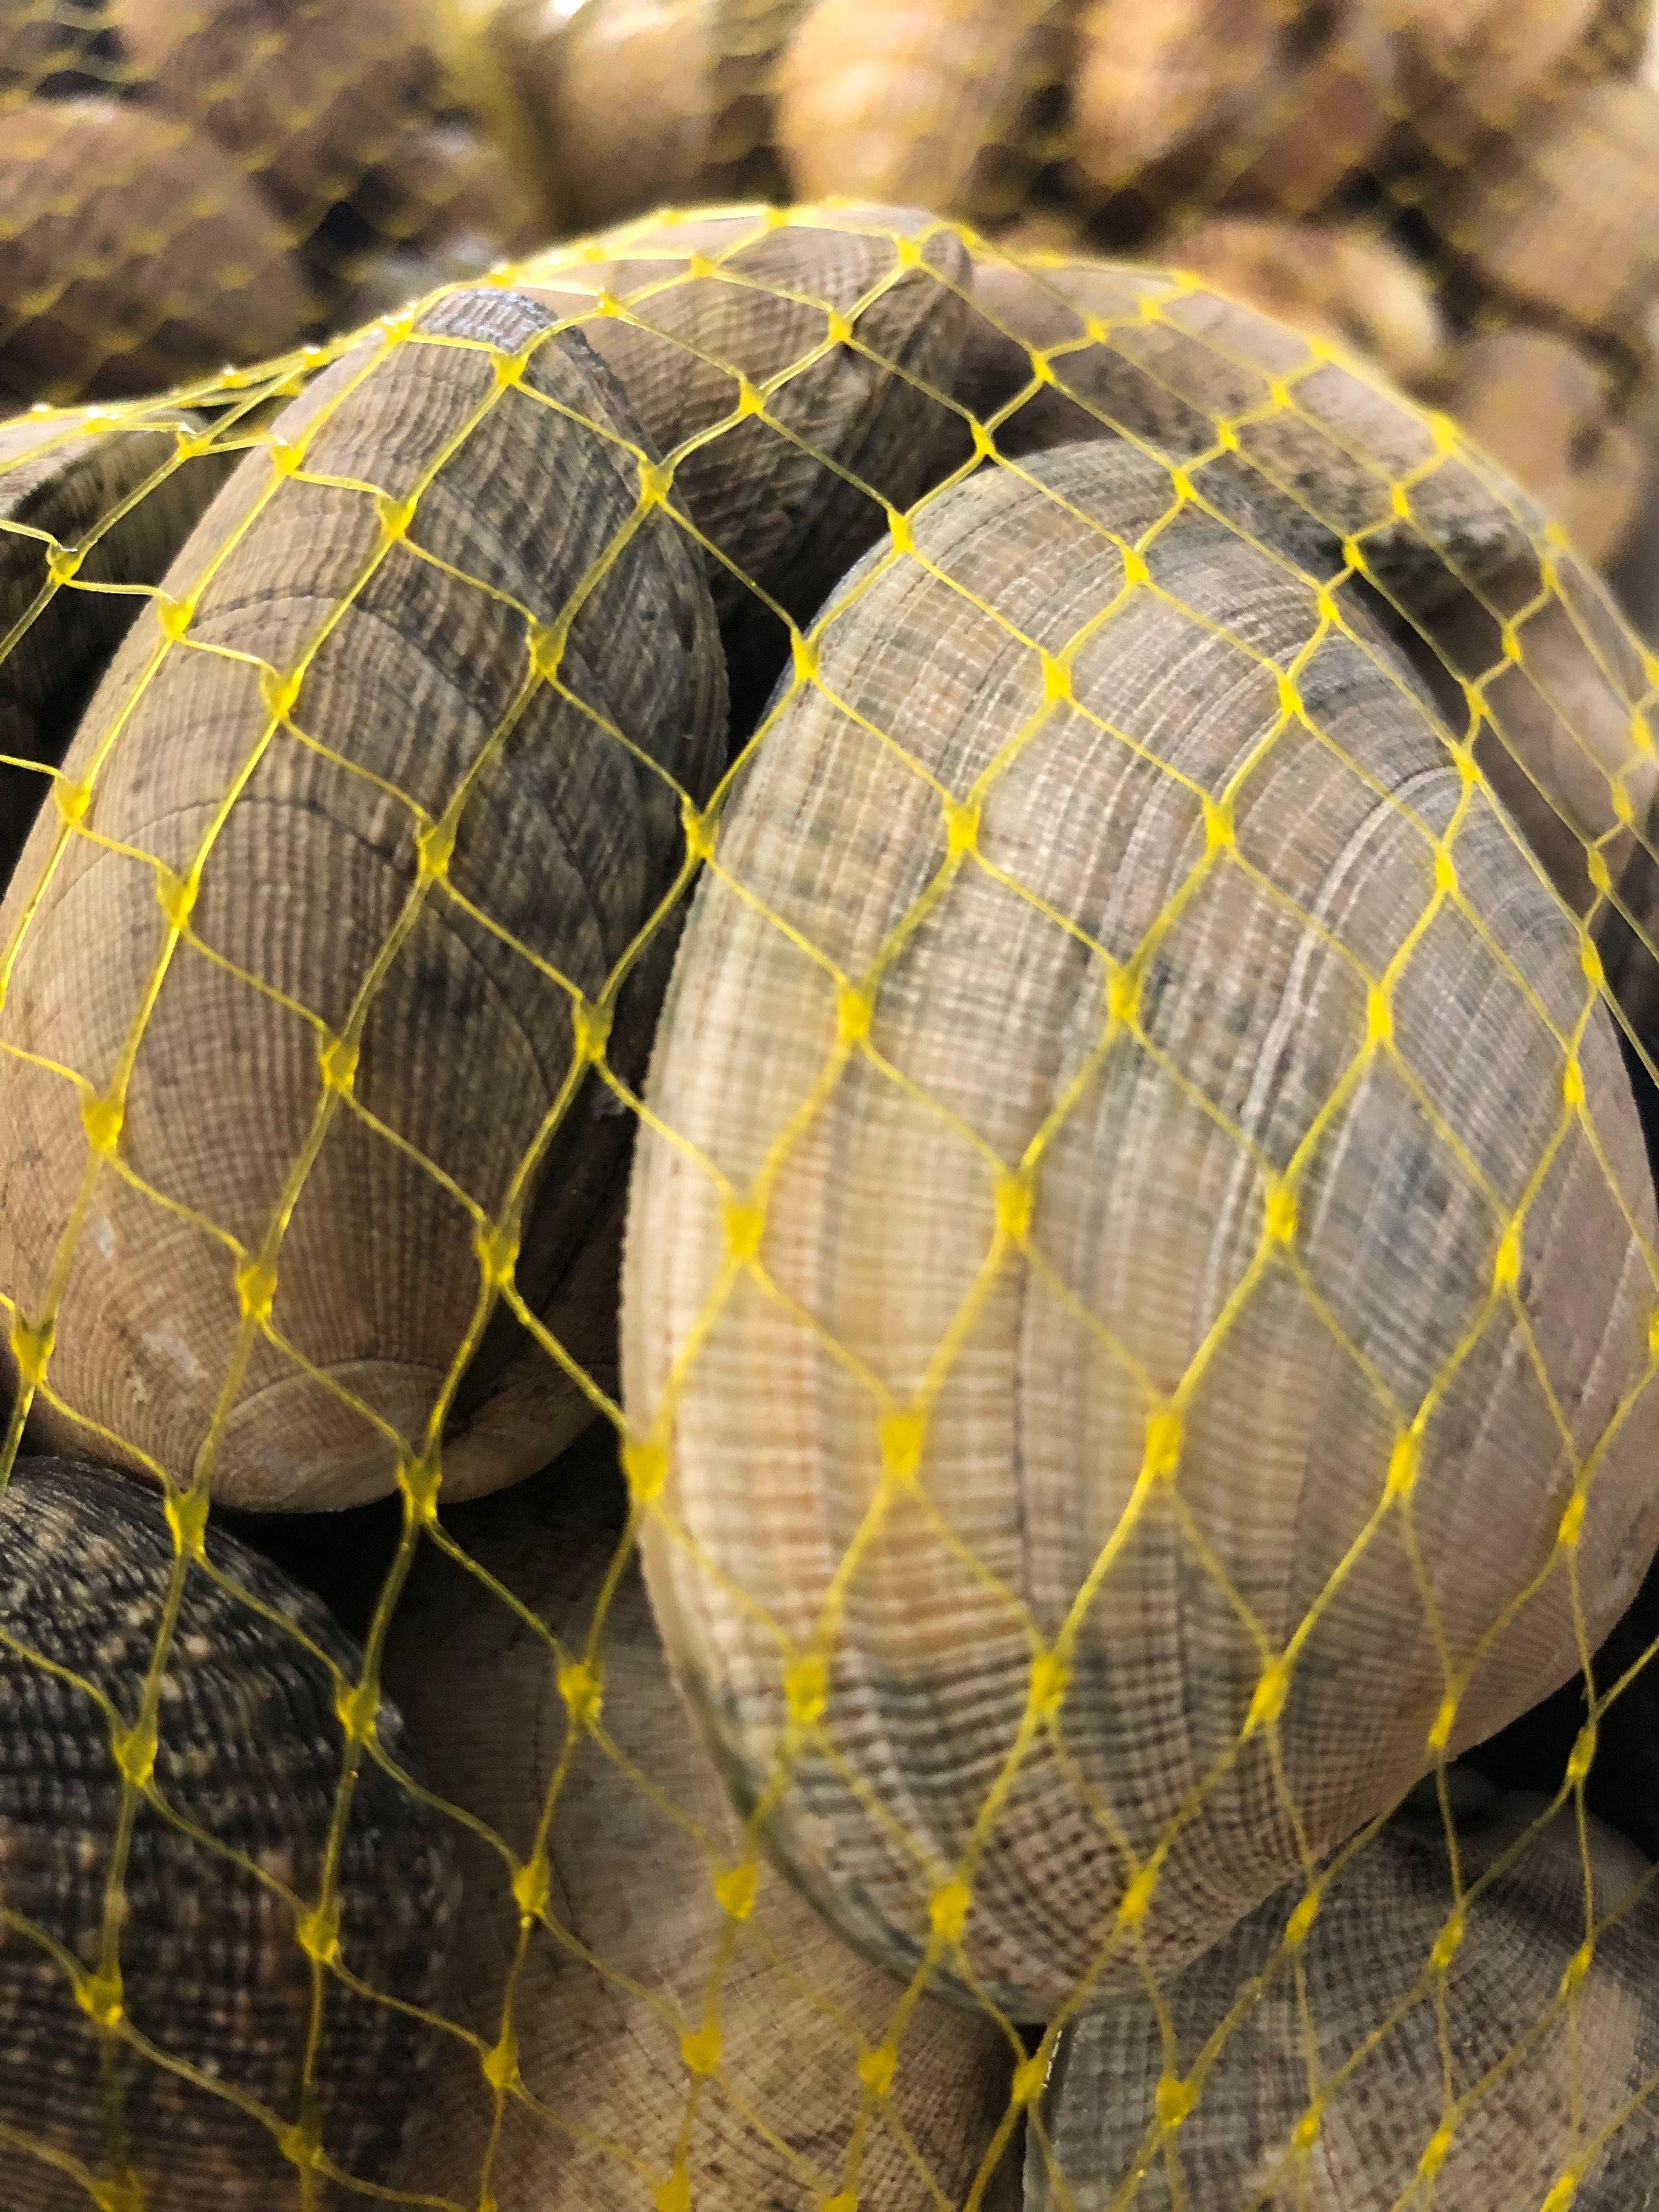 Foto 5 de Distribución de pescados y mariscos frescos y congelados en Madrid | Dispemar Celada